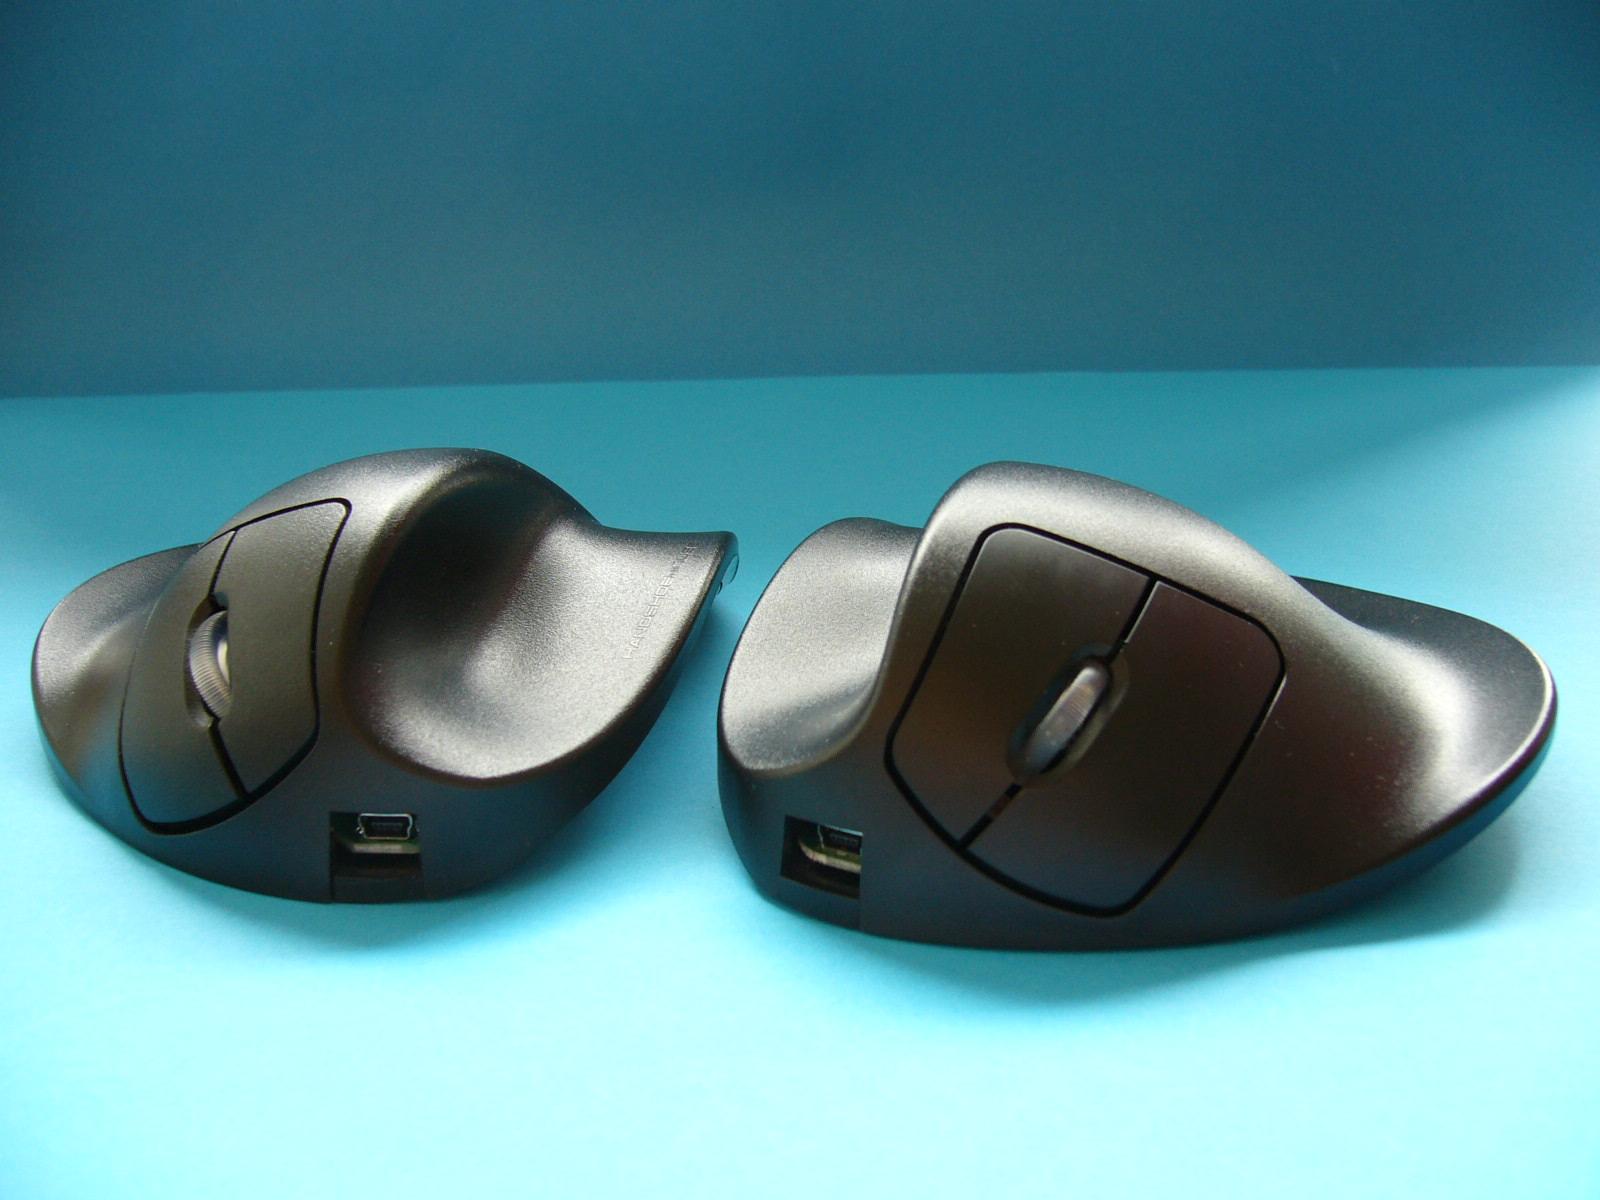 HandShoe Ergonomic Mouse Review